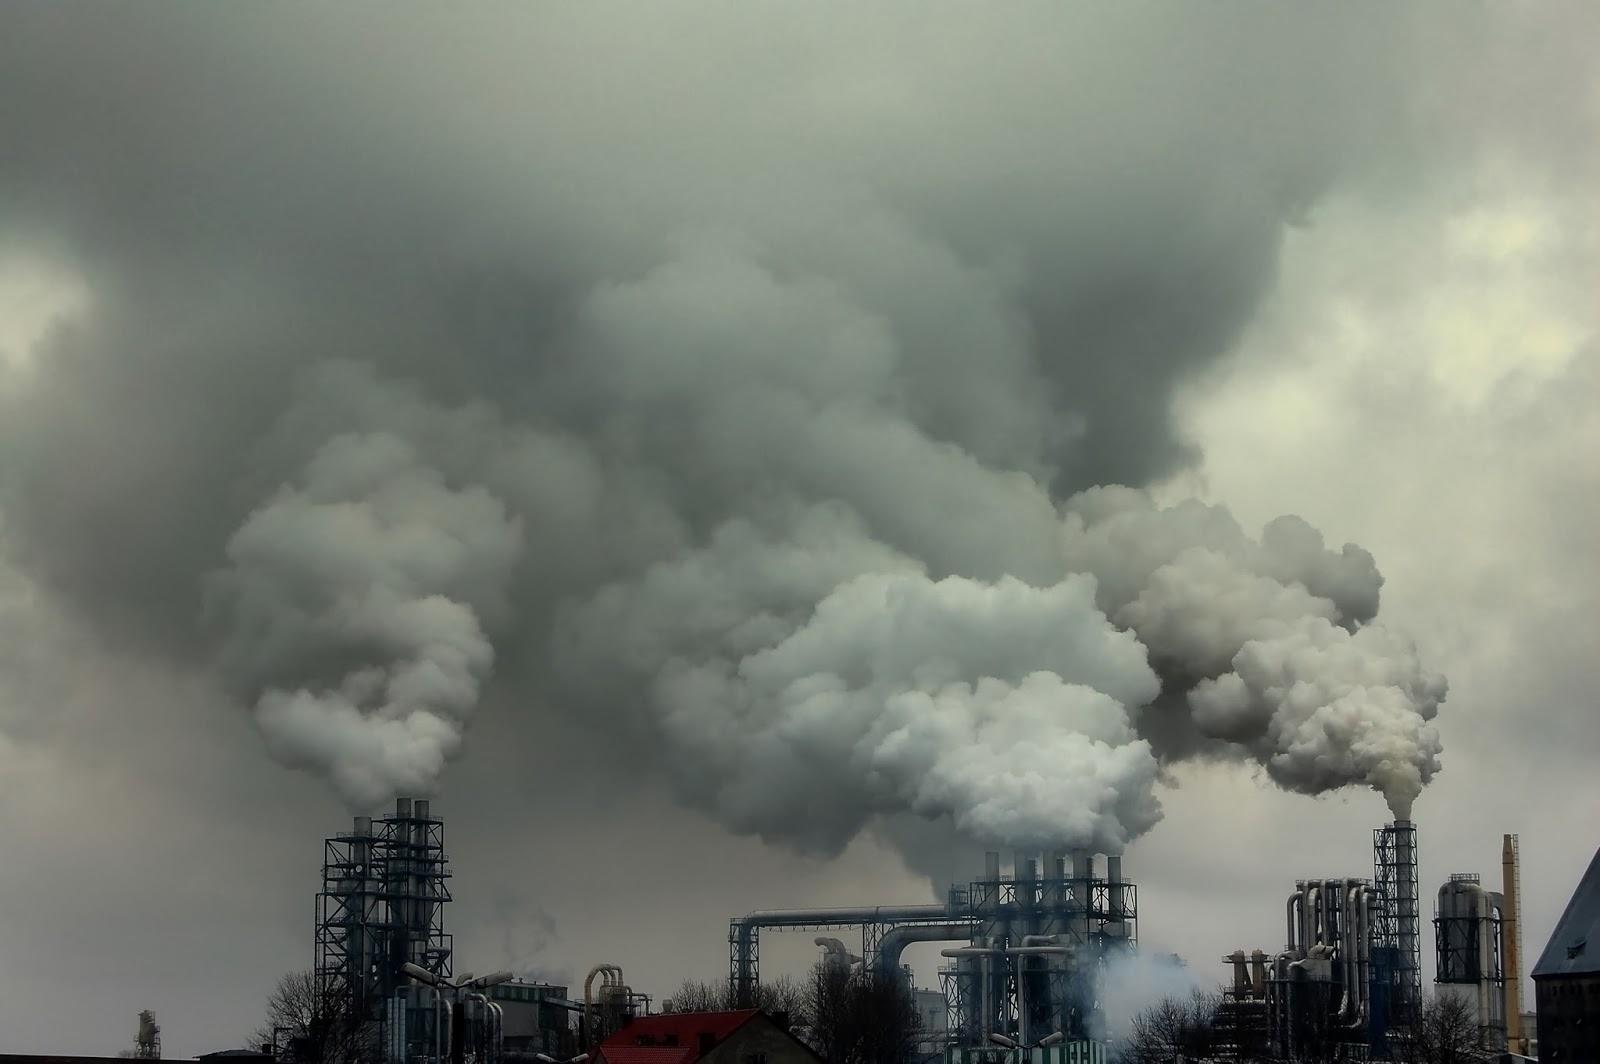 Эксперт: Из-за биткоина выбросы углерода существенно выросли